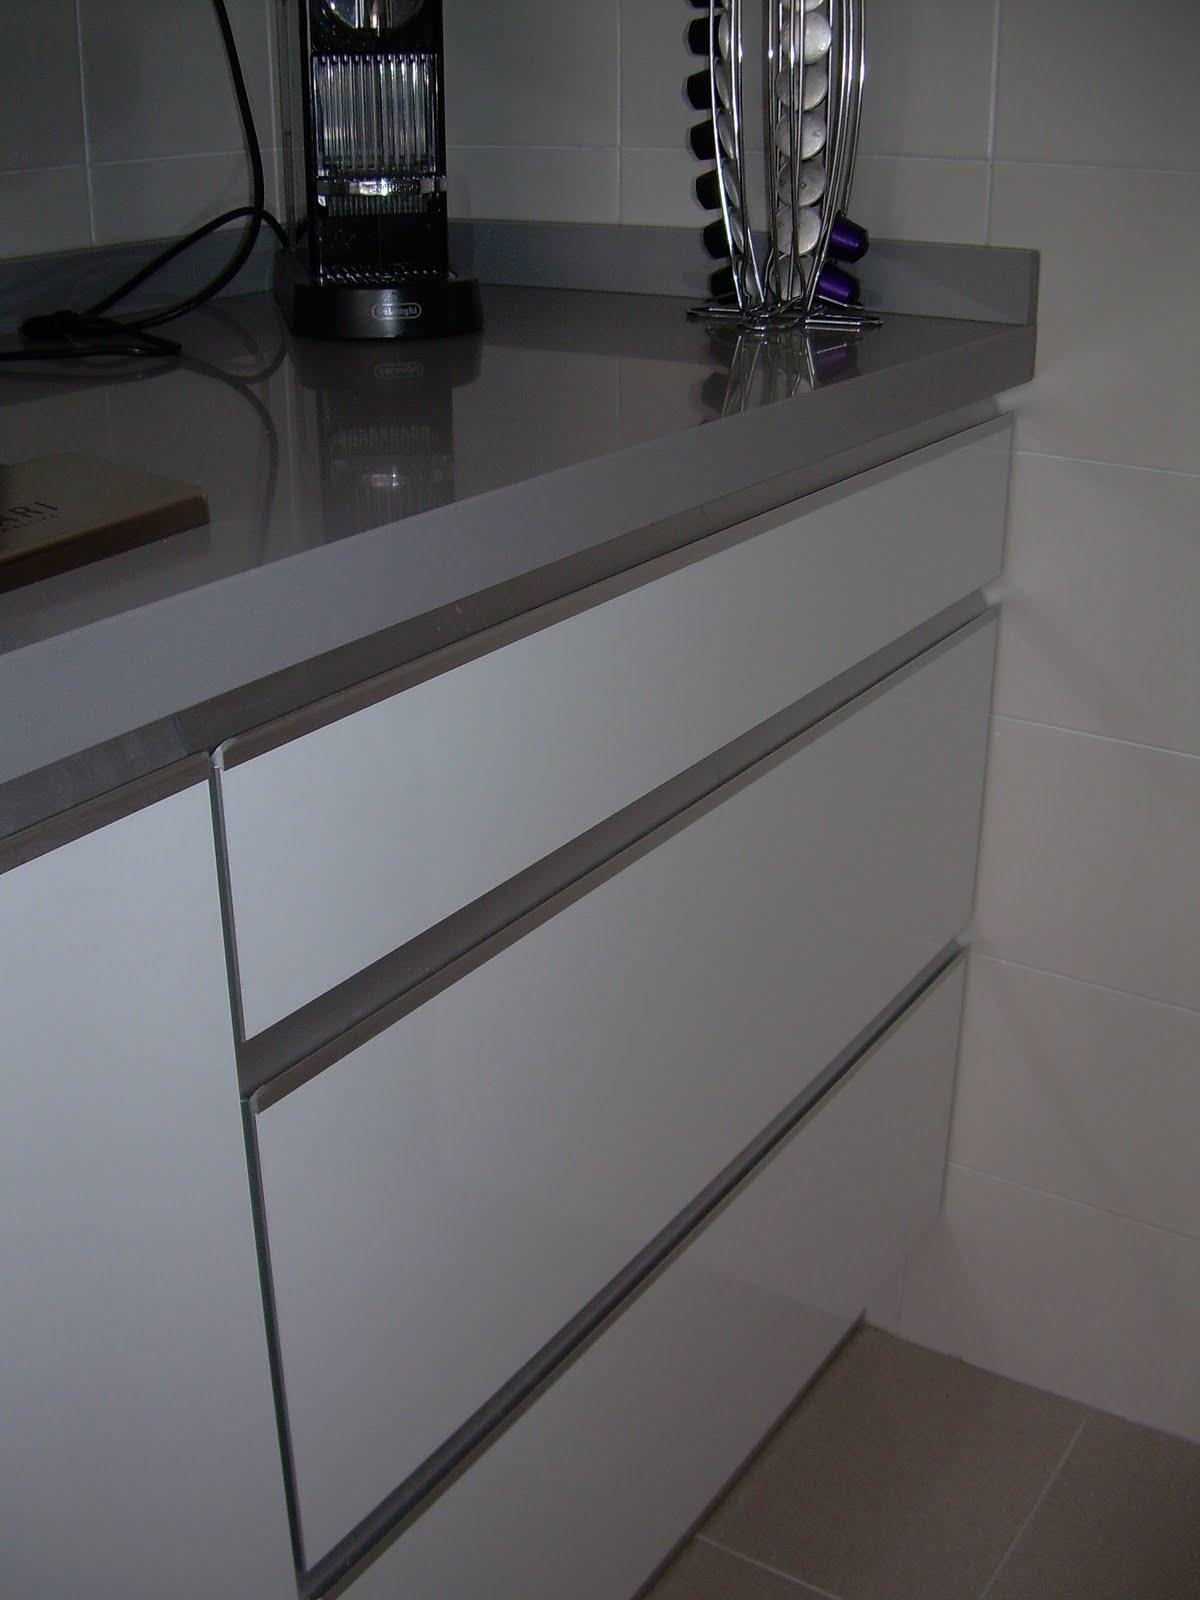 Cocina i blanco brillo con tirador corrido en puerta terral muebles a medida y tarimas de ducha - Tirador mueble cocina ...